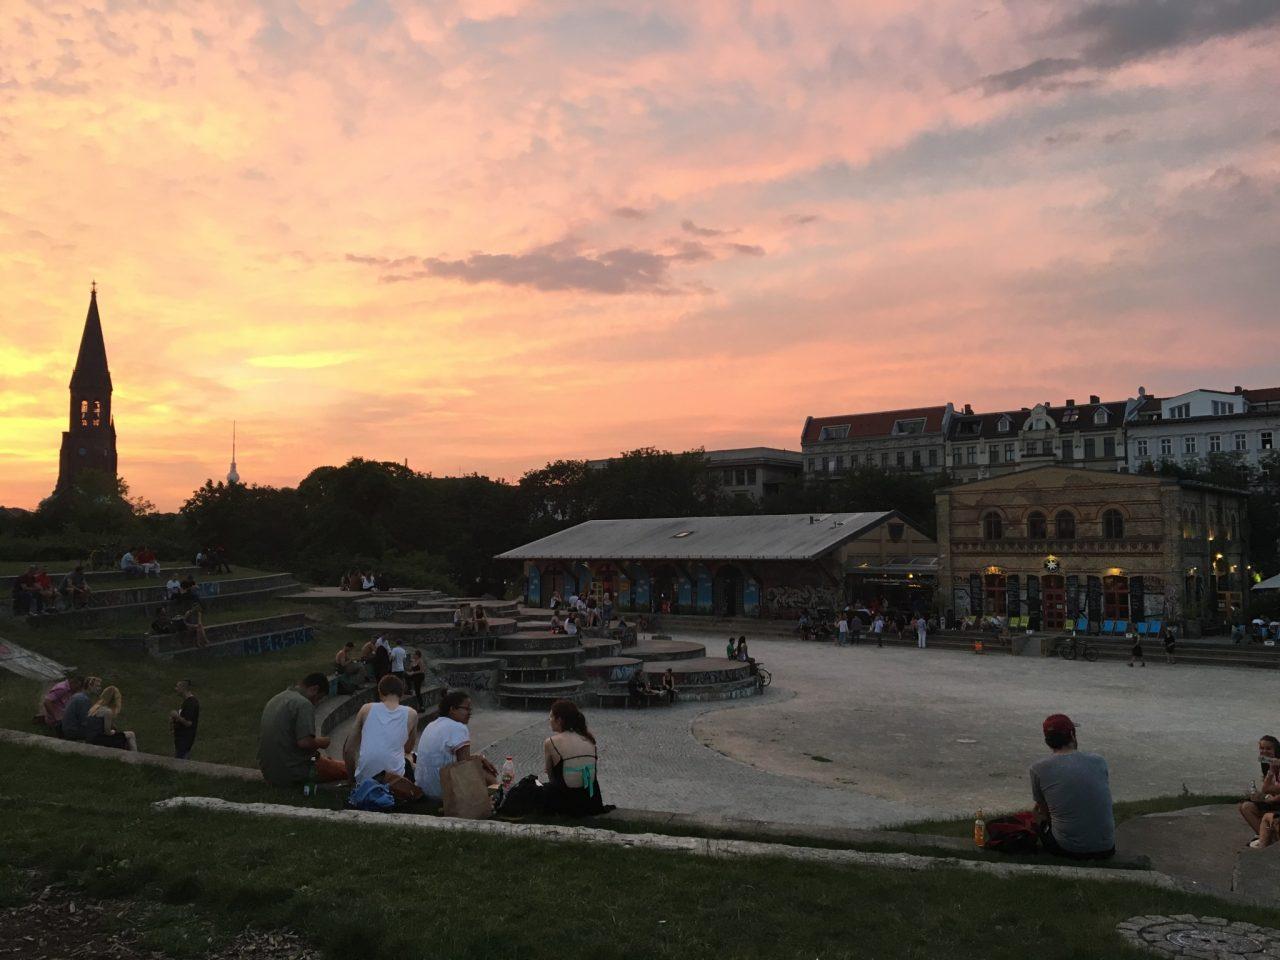 Gorlitzer Park, Berlin